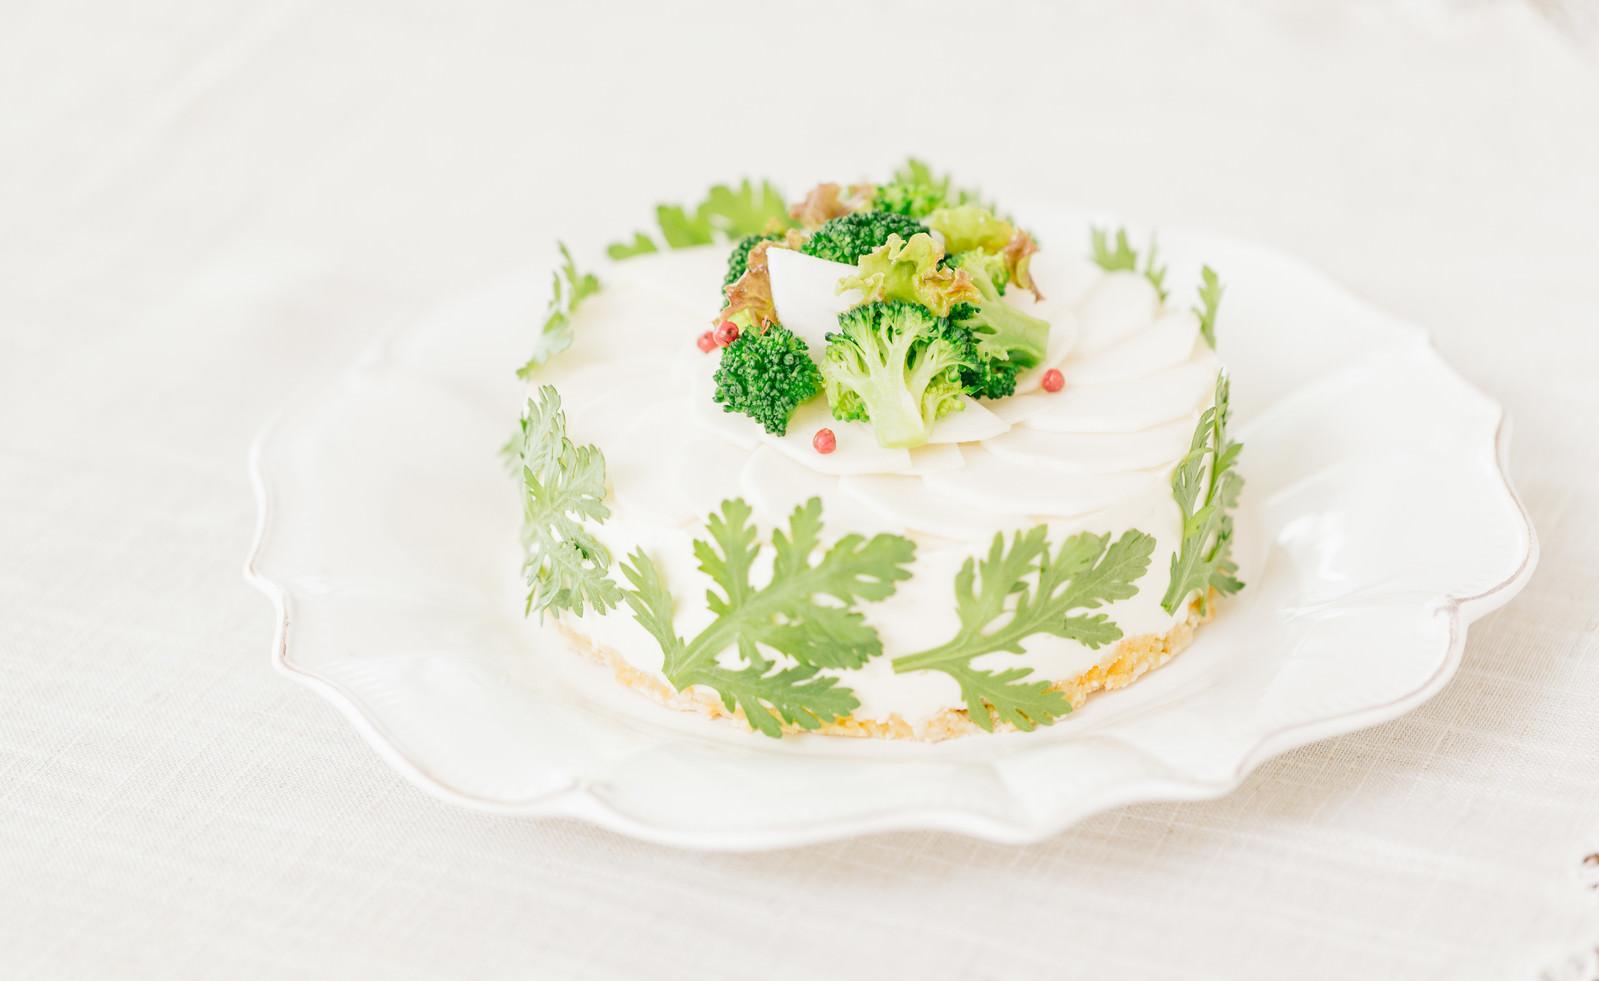 「ブロッコリーのデコレーションと春菊に包まれた「ベジデコグリーンケーキ」」の写真